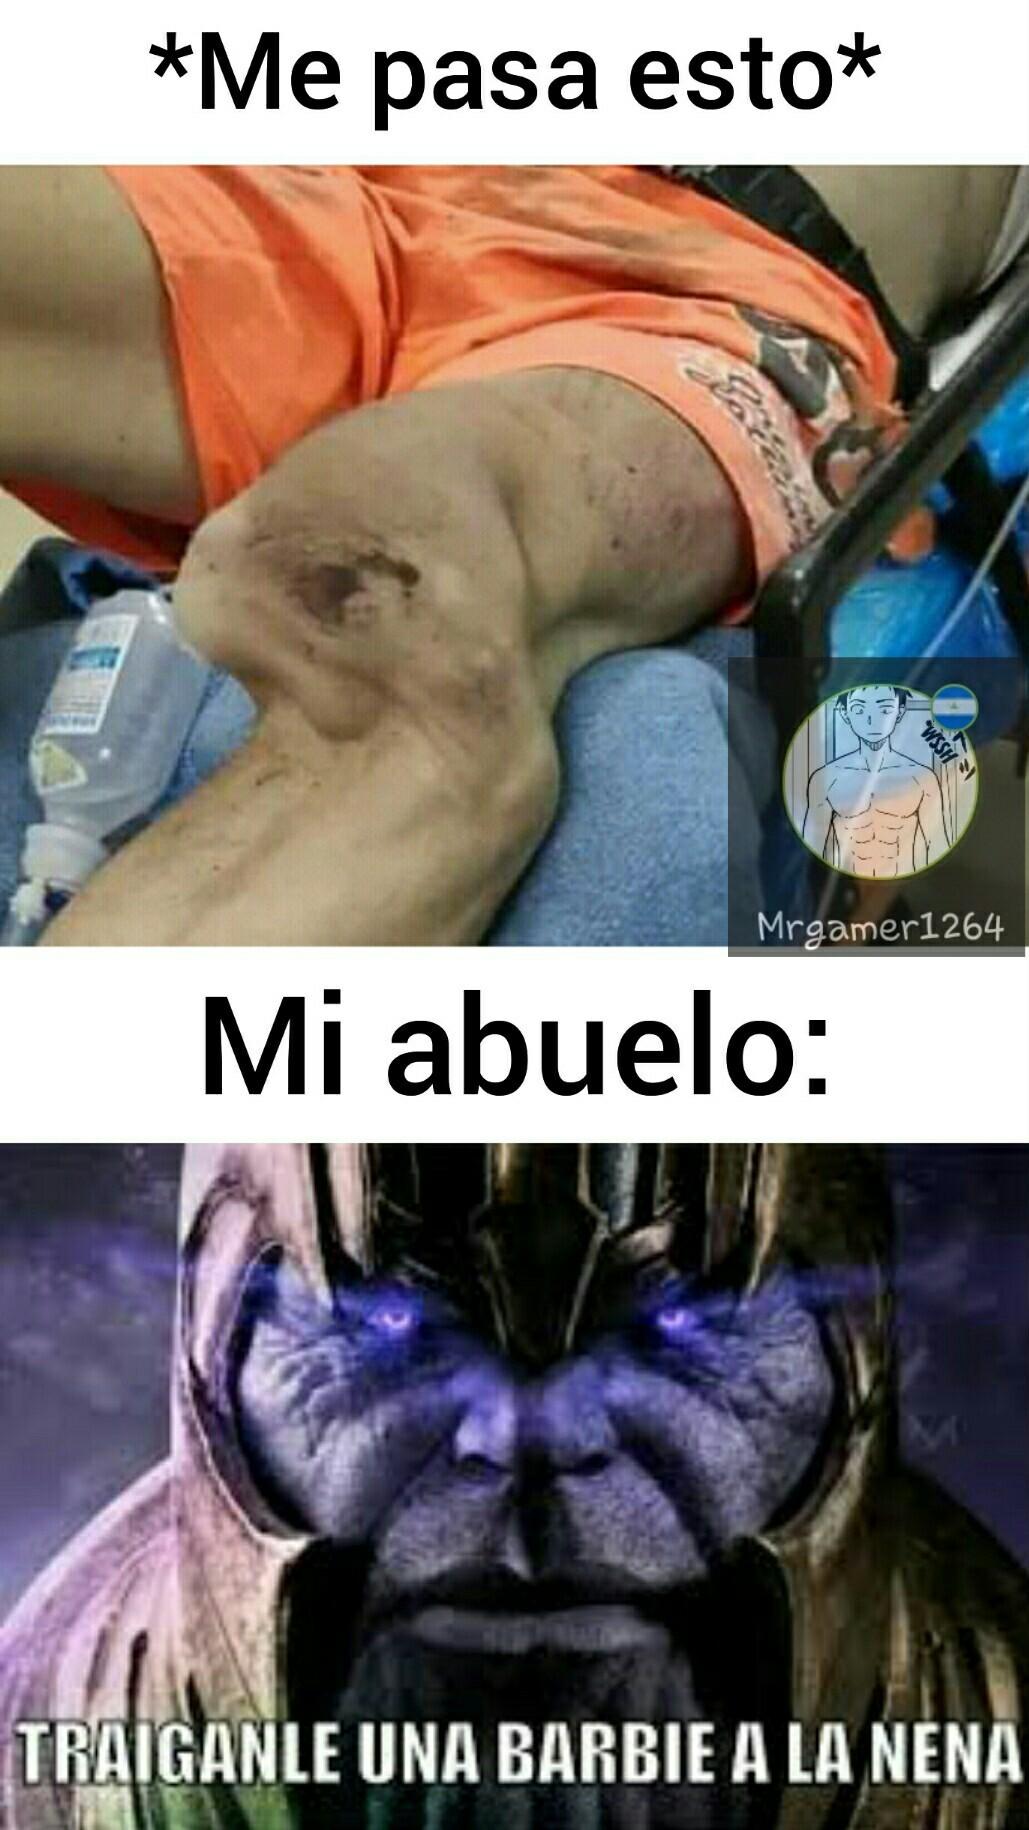 No llores joto - meme